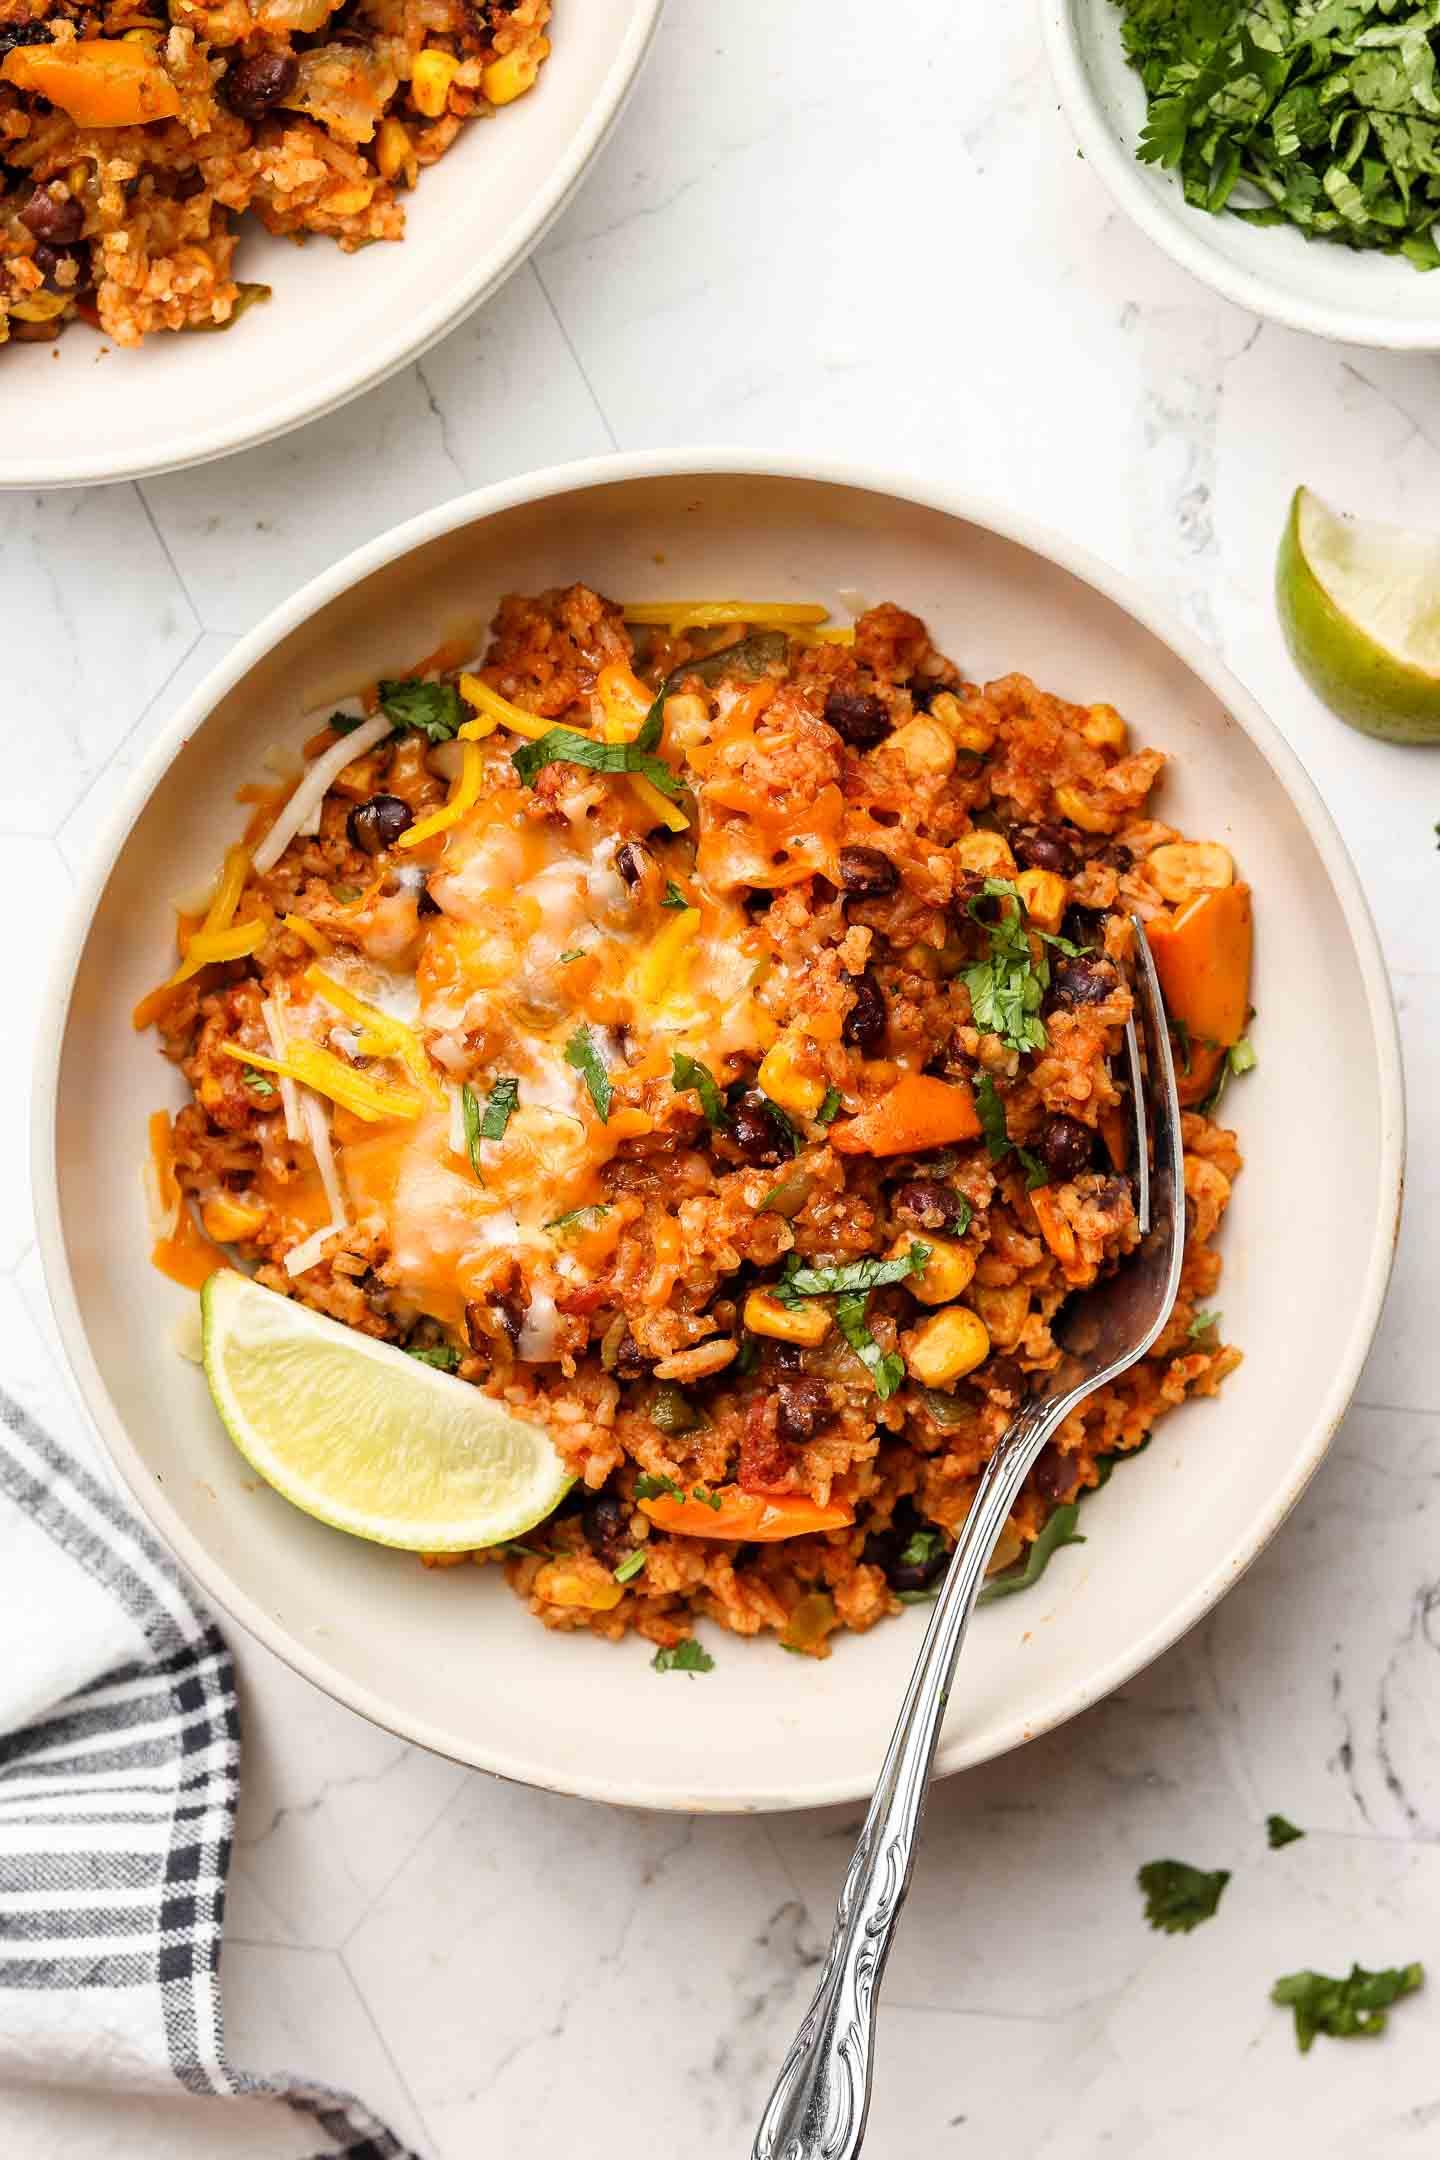 65 Easy Instant Pot + Crockpot Dinner Recipes | Vegan Instant Pot Burrito Bowls